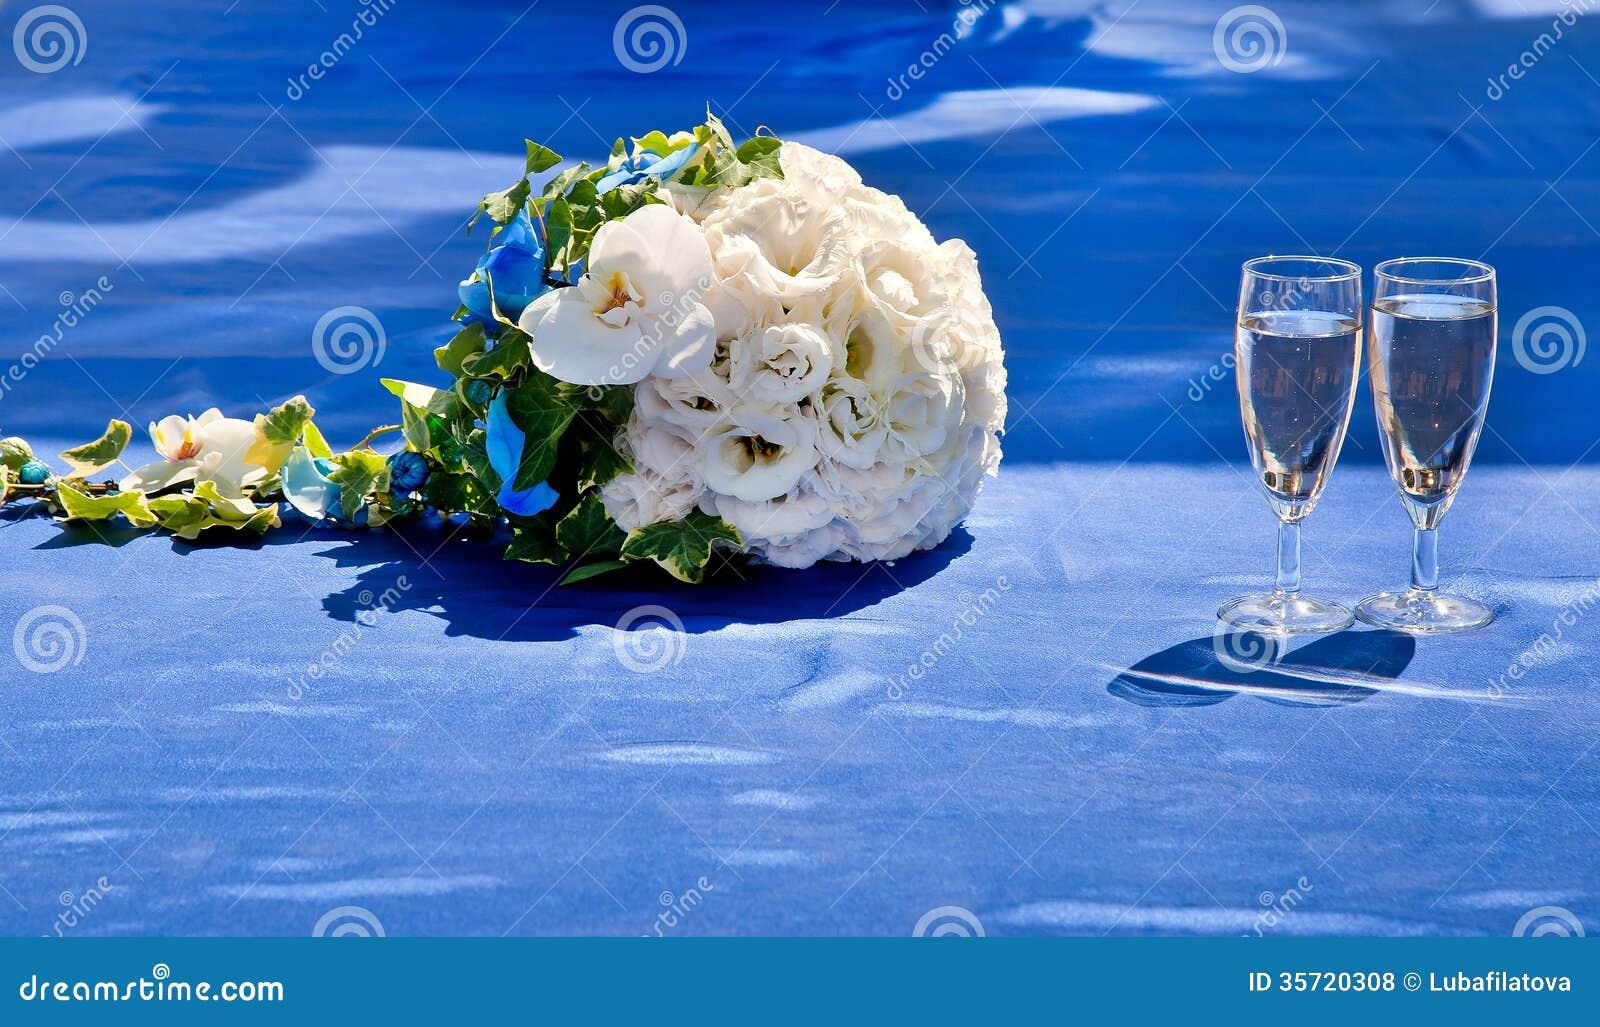 Cérémonie de mariage vin